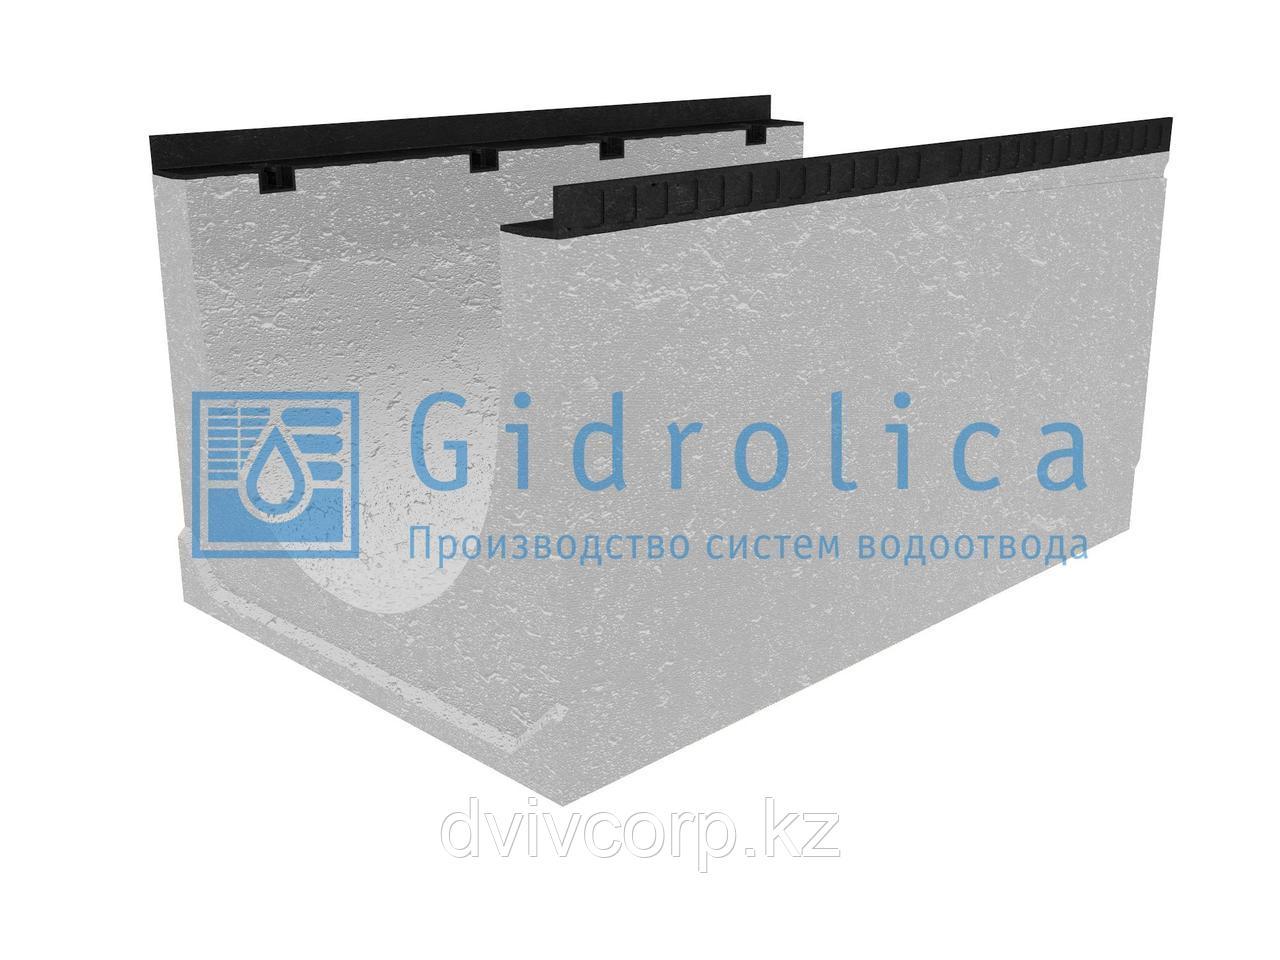 Лоток водоотводный бетонный коробчатый (СО-500мм), с уклоном 0,5%  КUу 100.65(50).54(45) - BGМ, № 18